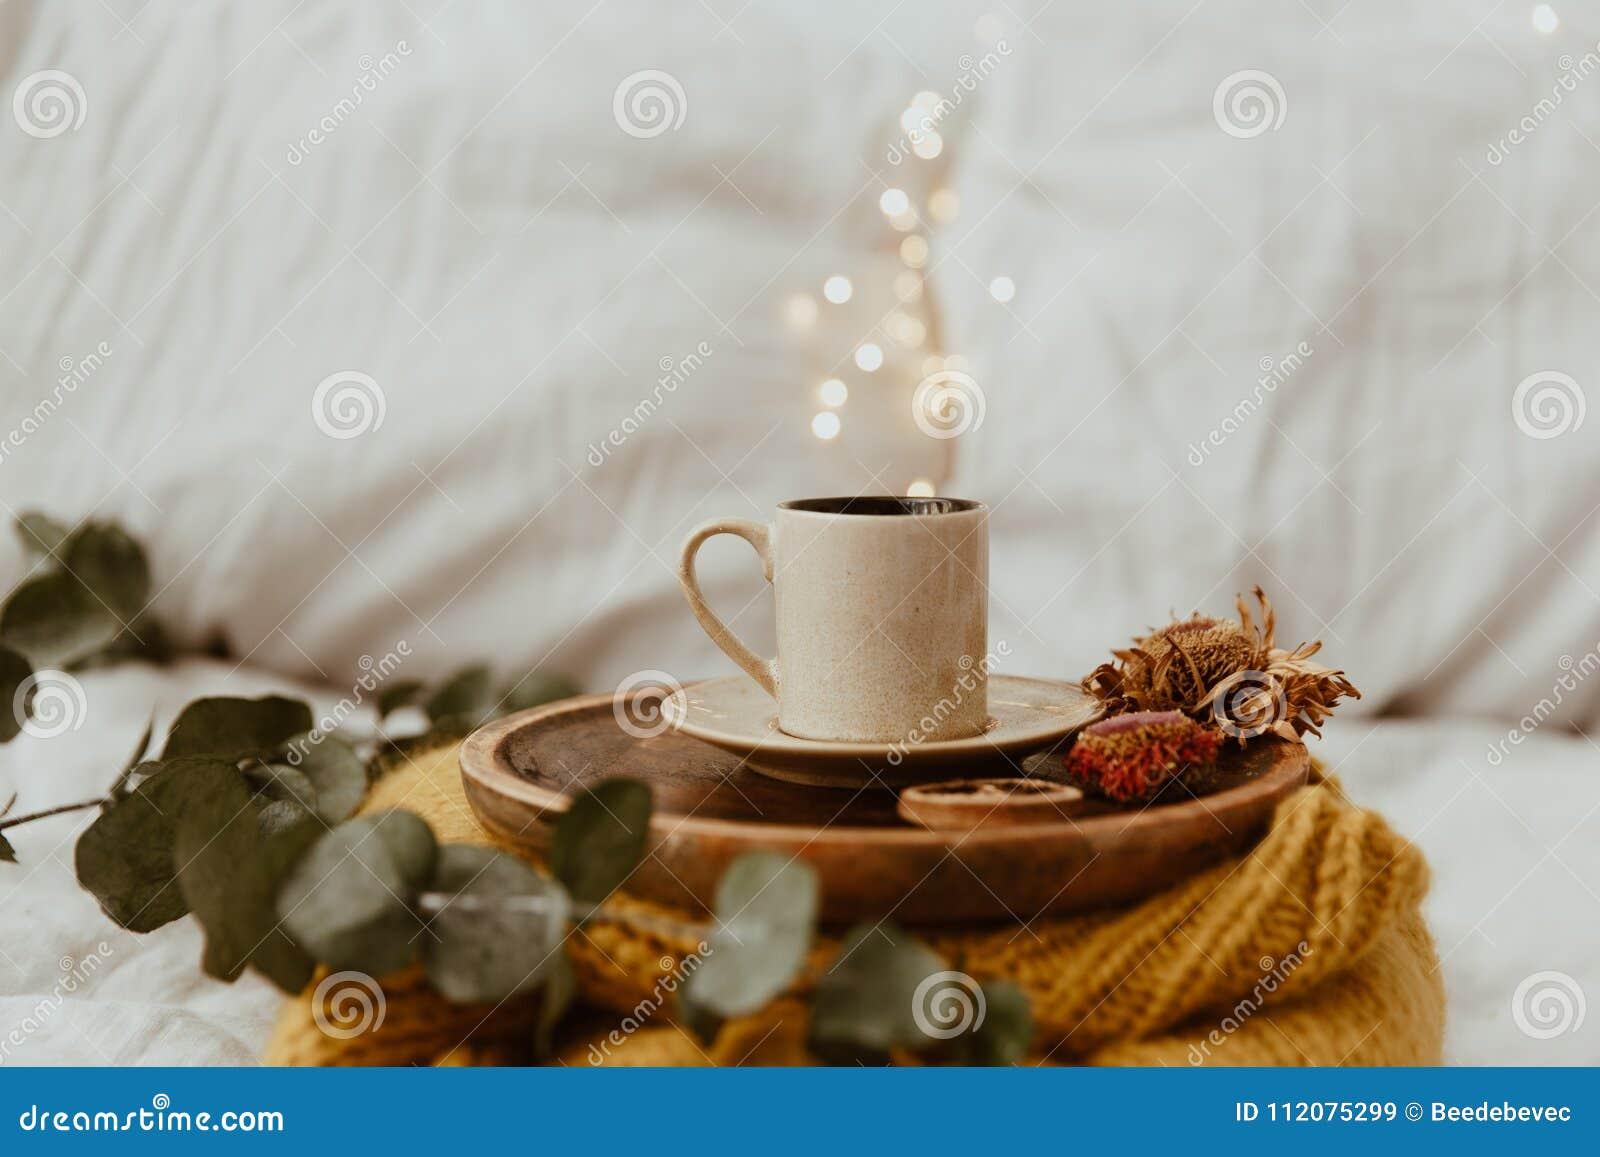 Copo de café colocado em uma bandeja de madeira e em uma camiseta morna com borrão do bokeh do fundo das luzes Manhã na cama